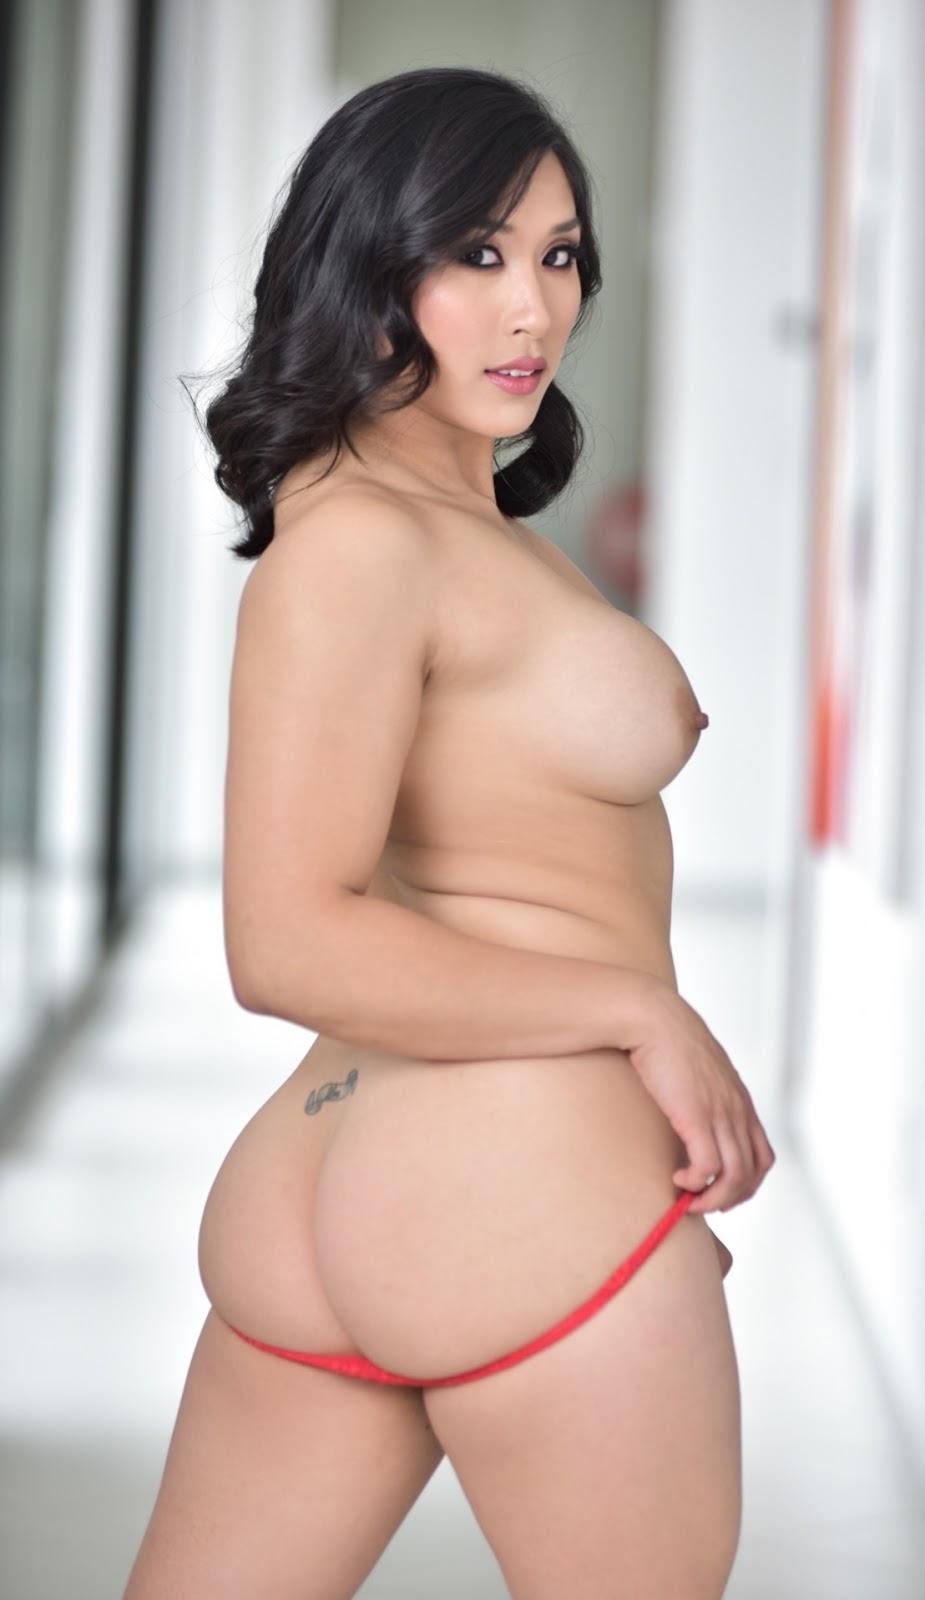 Melena a in litati by sex art